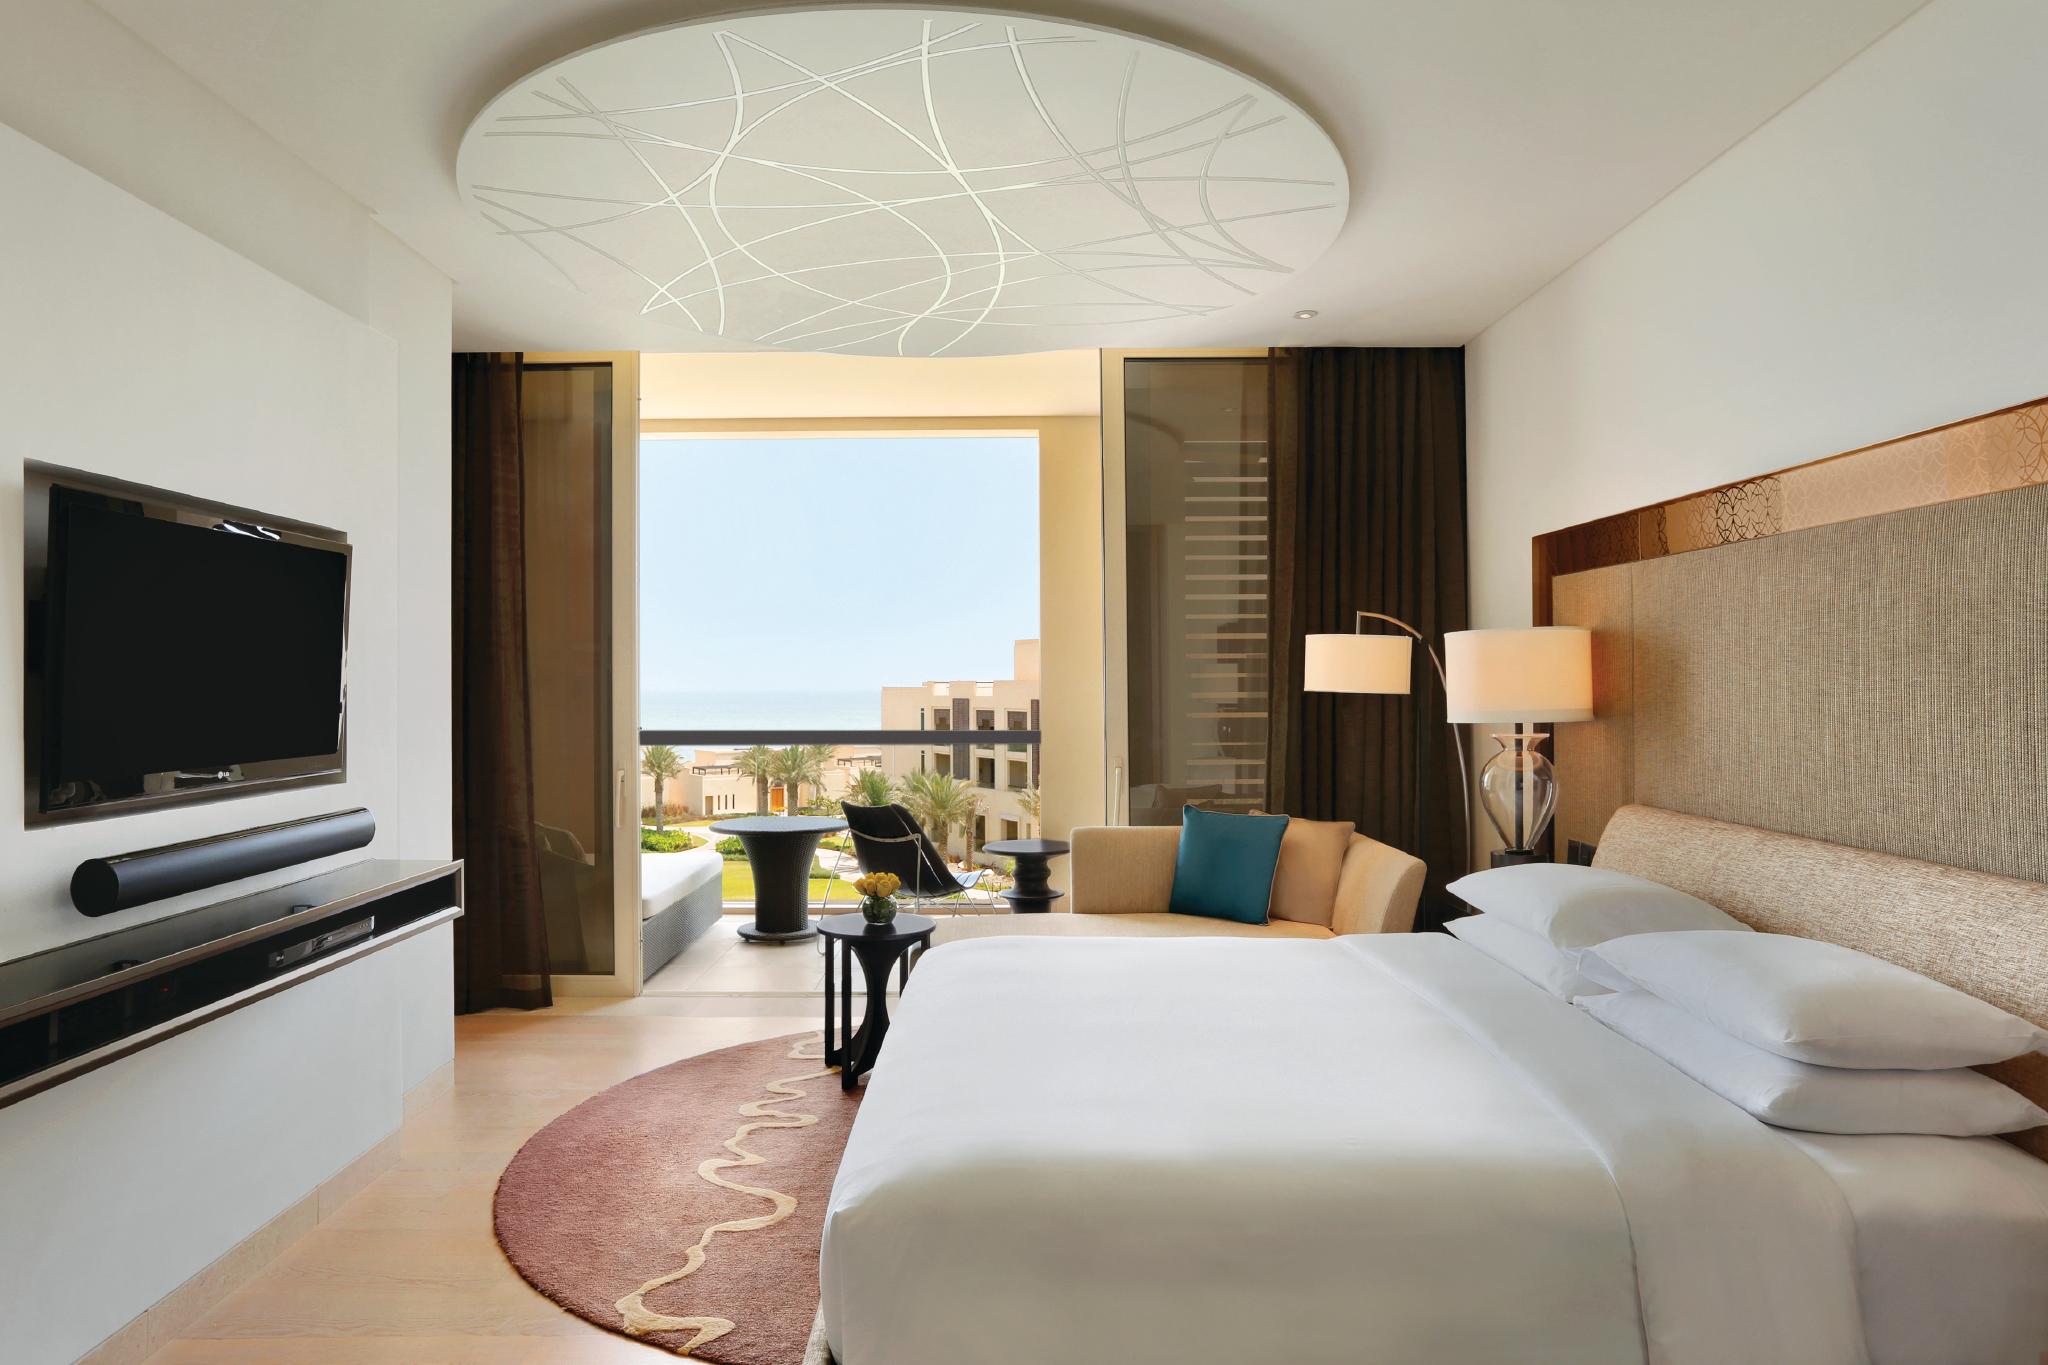 Design locale - 306 lussuose camere, Suite e Ville che fondono armoniosamente l'eleganza sobria ed il fascino di tradizioni tipiche degli UAE.